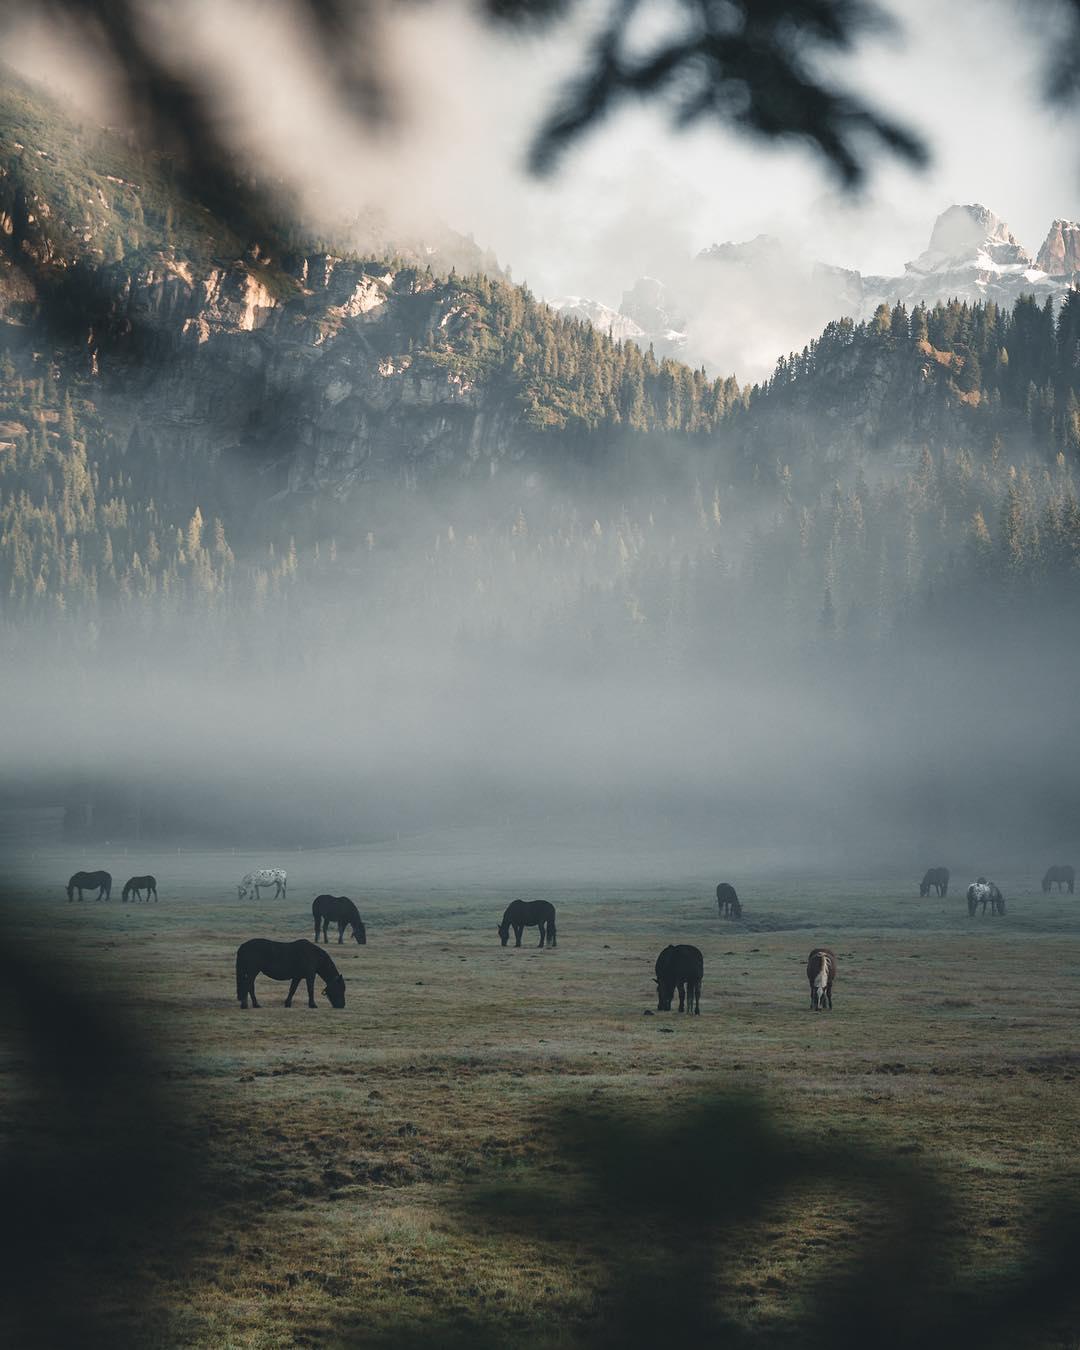 Потрясающие путешествия и пейзажи на снимках Янни Лааксо